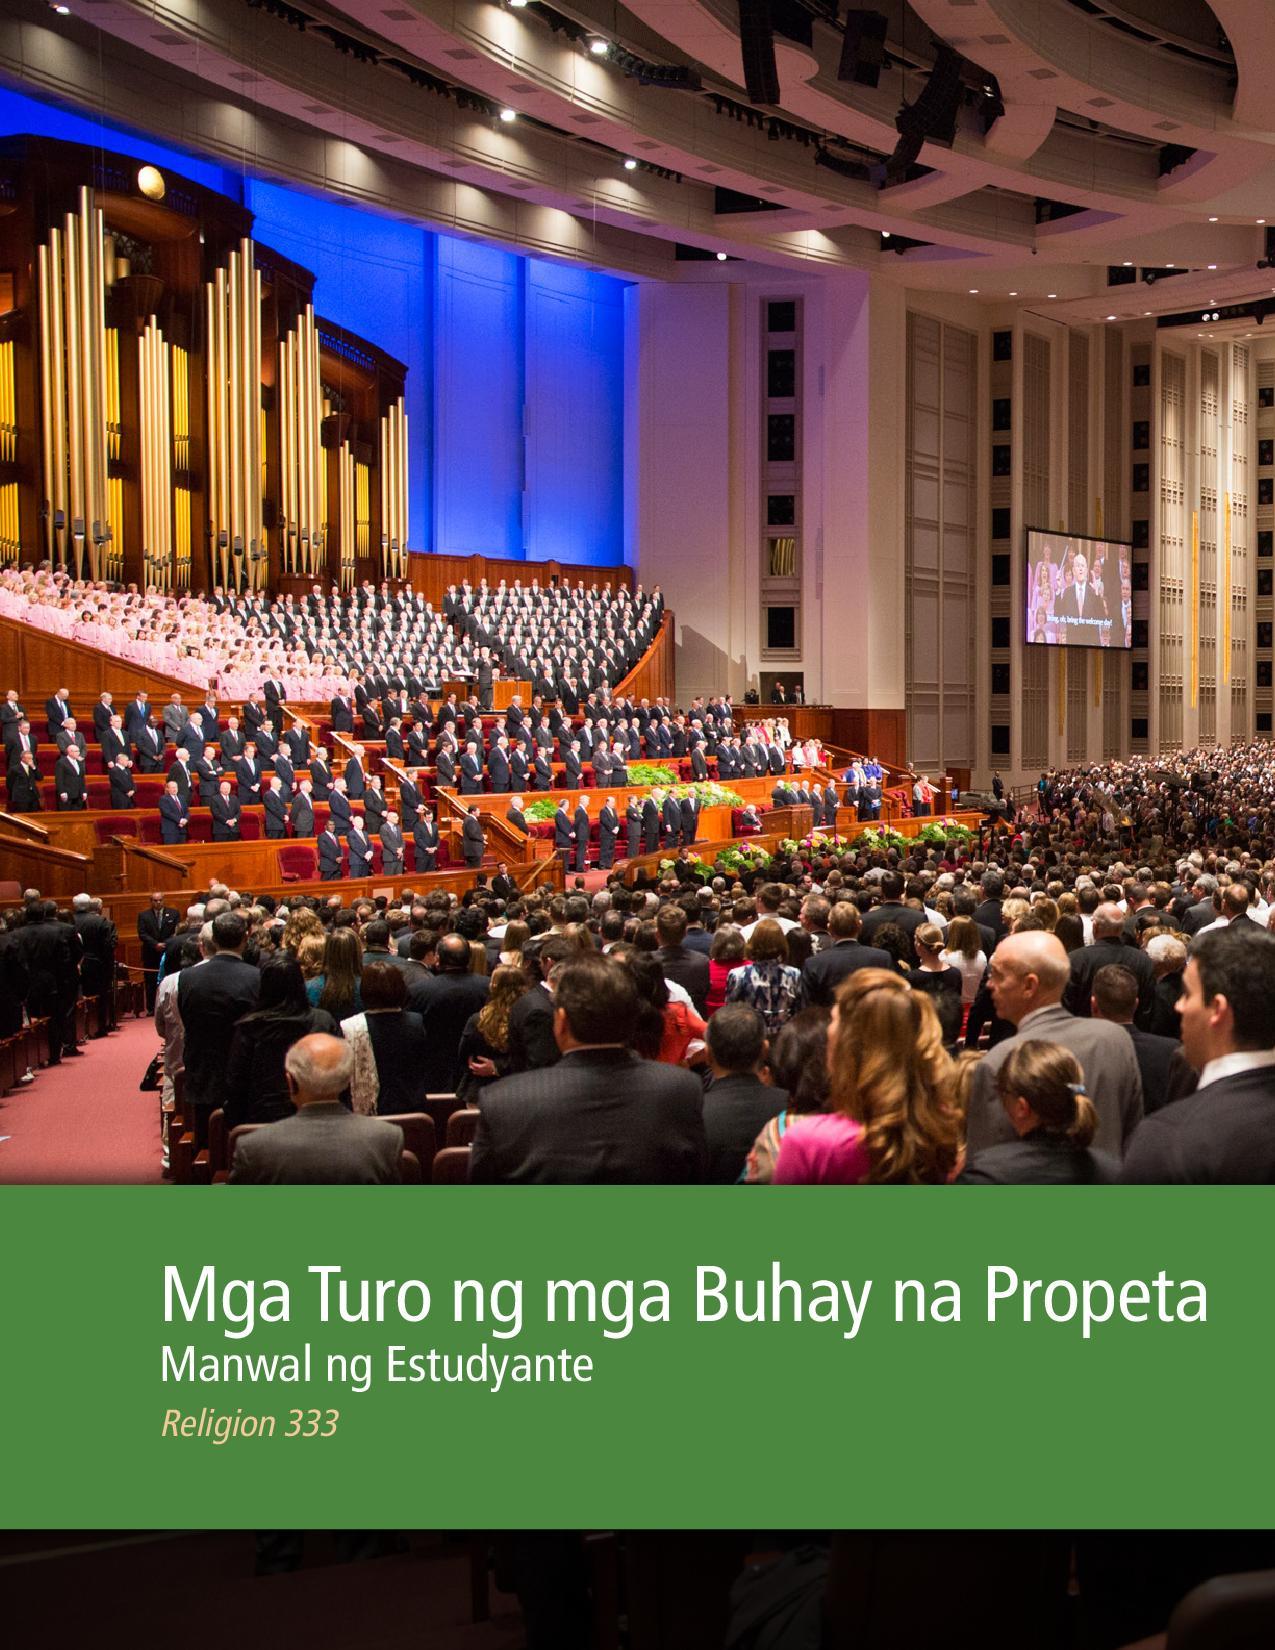 Mga Turo ng mga Buhay na Propeta Manwal ng Estudyante